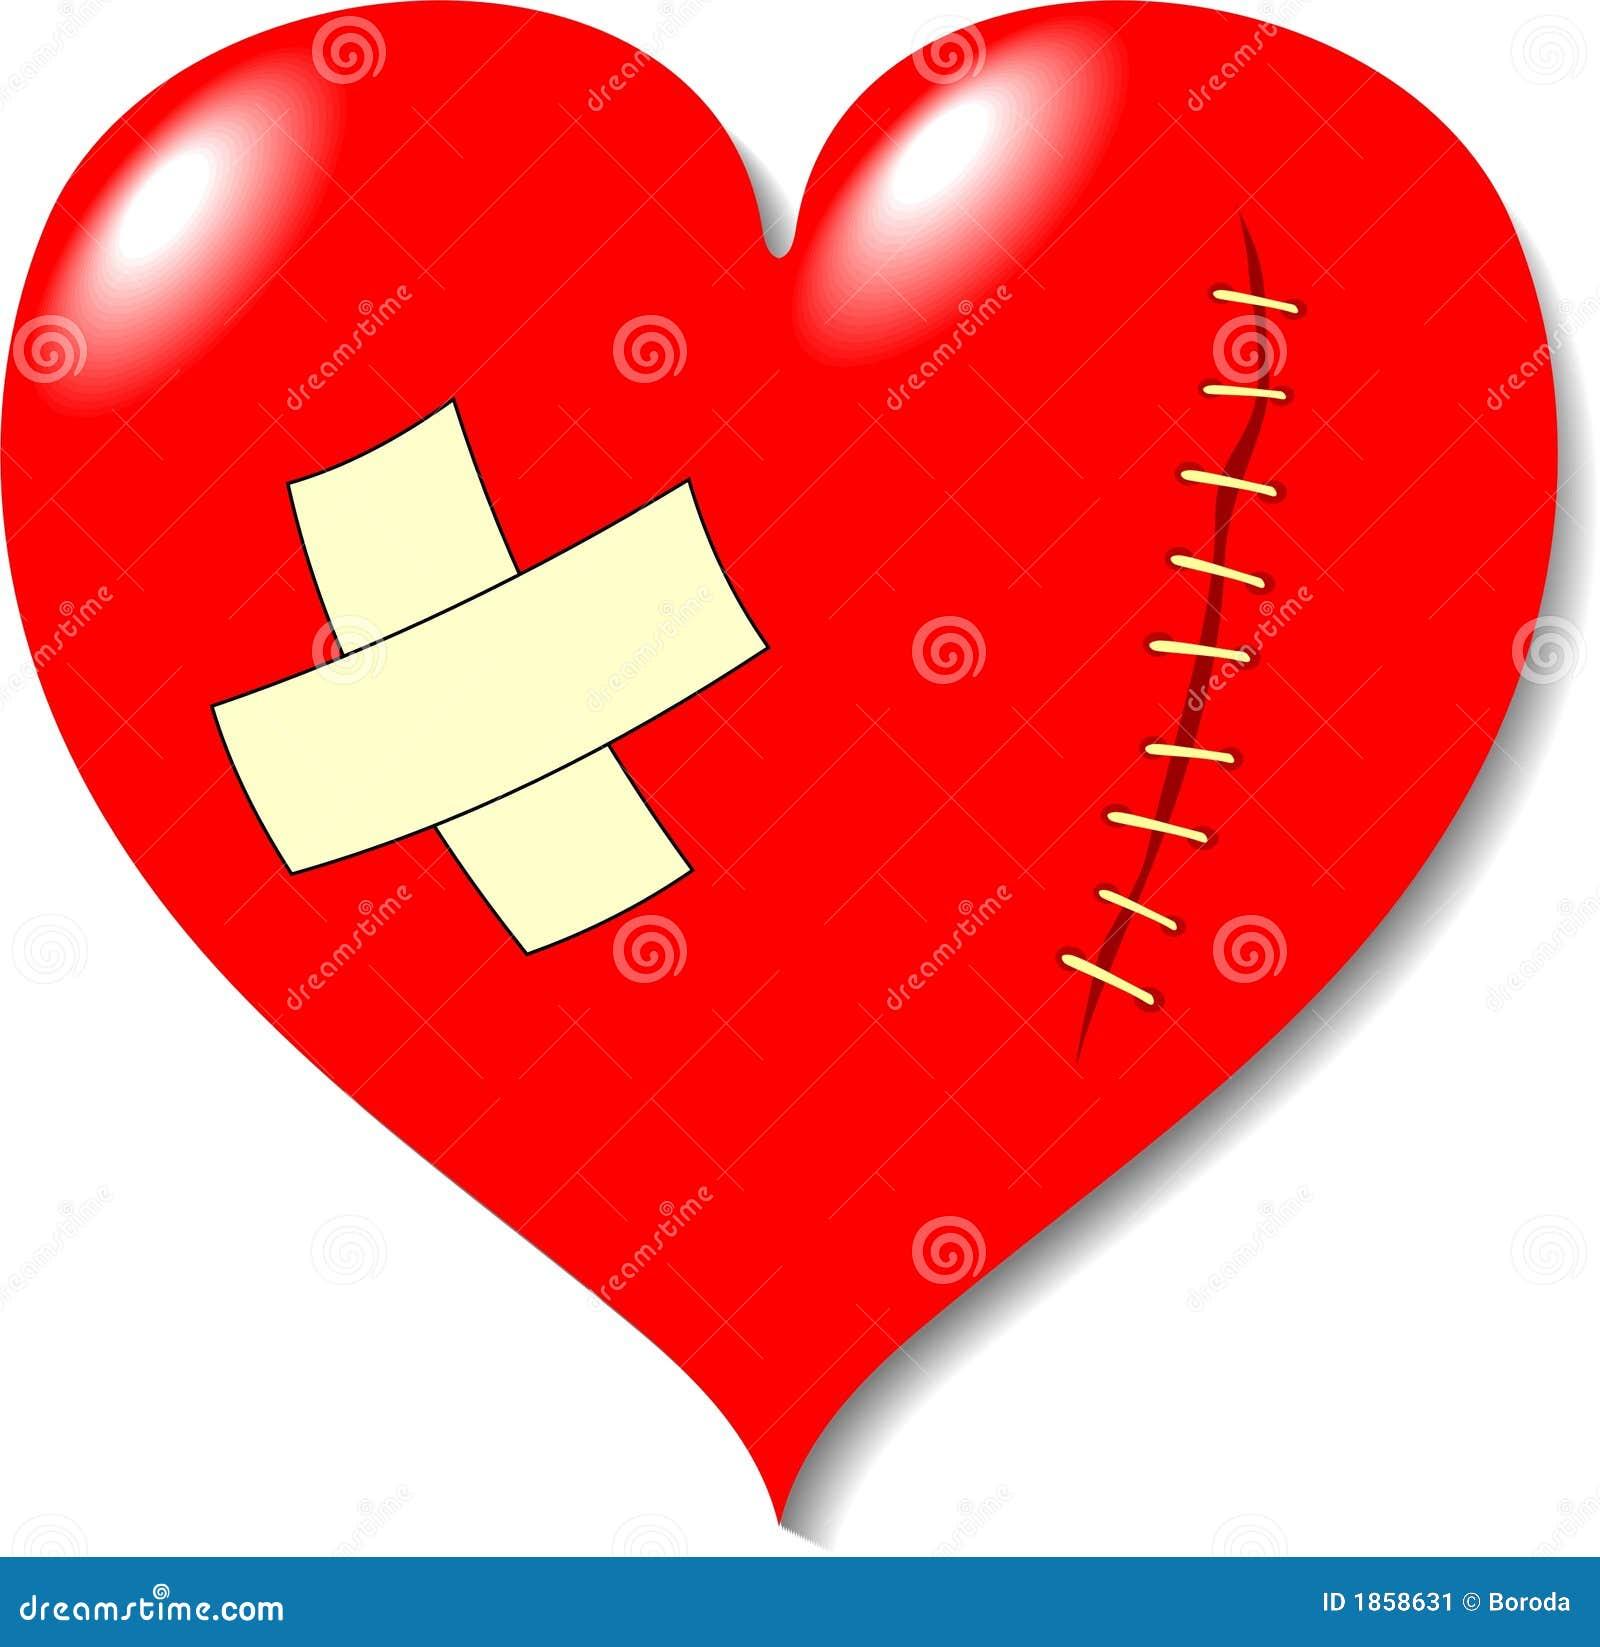 blessure sur le coeur de l 39 amour image stock image 1858631. Black Bedroom Furniture Sets. Home Design Ideas